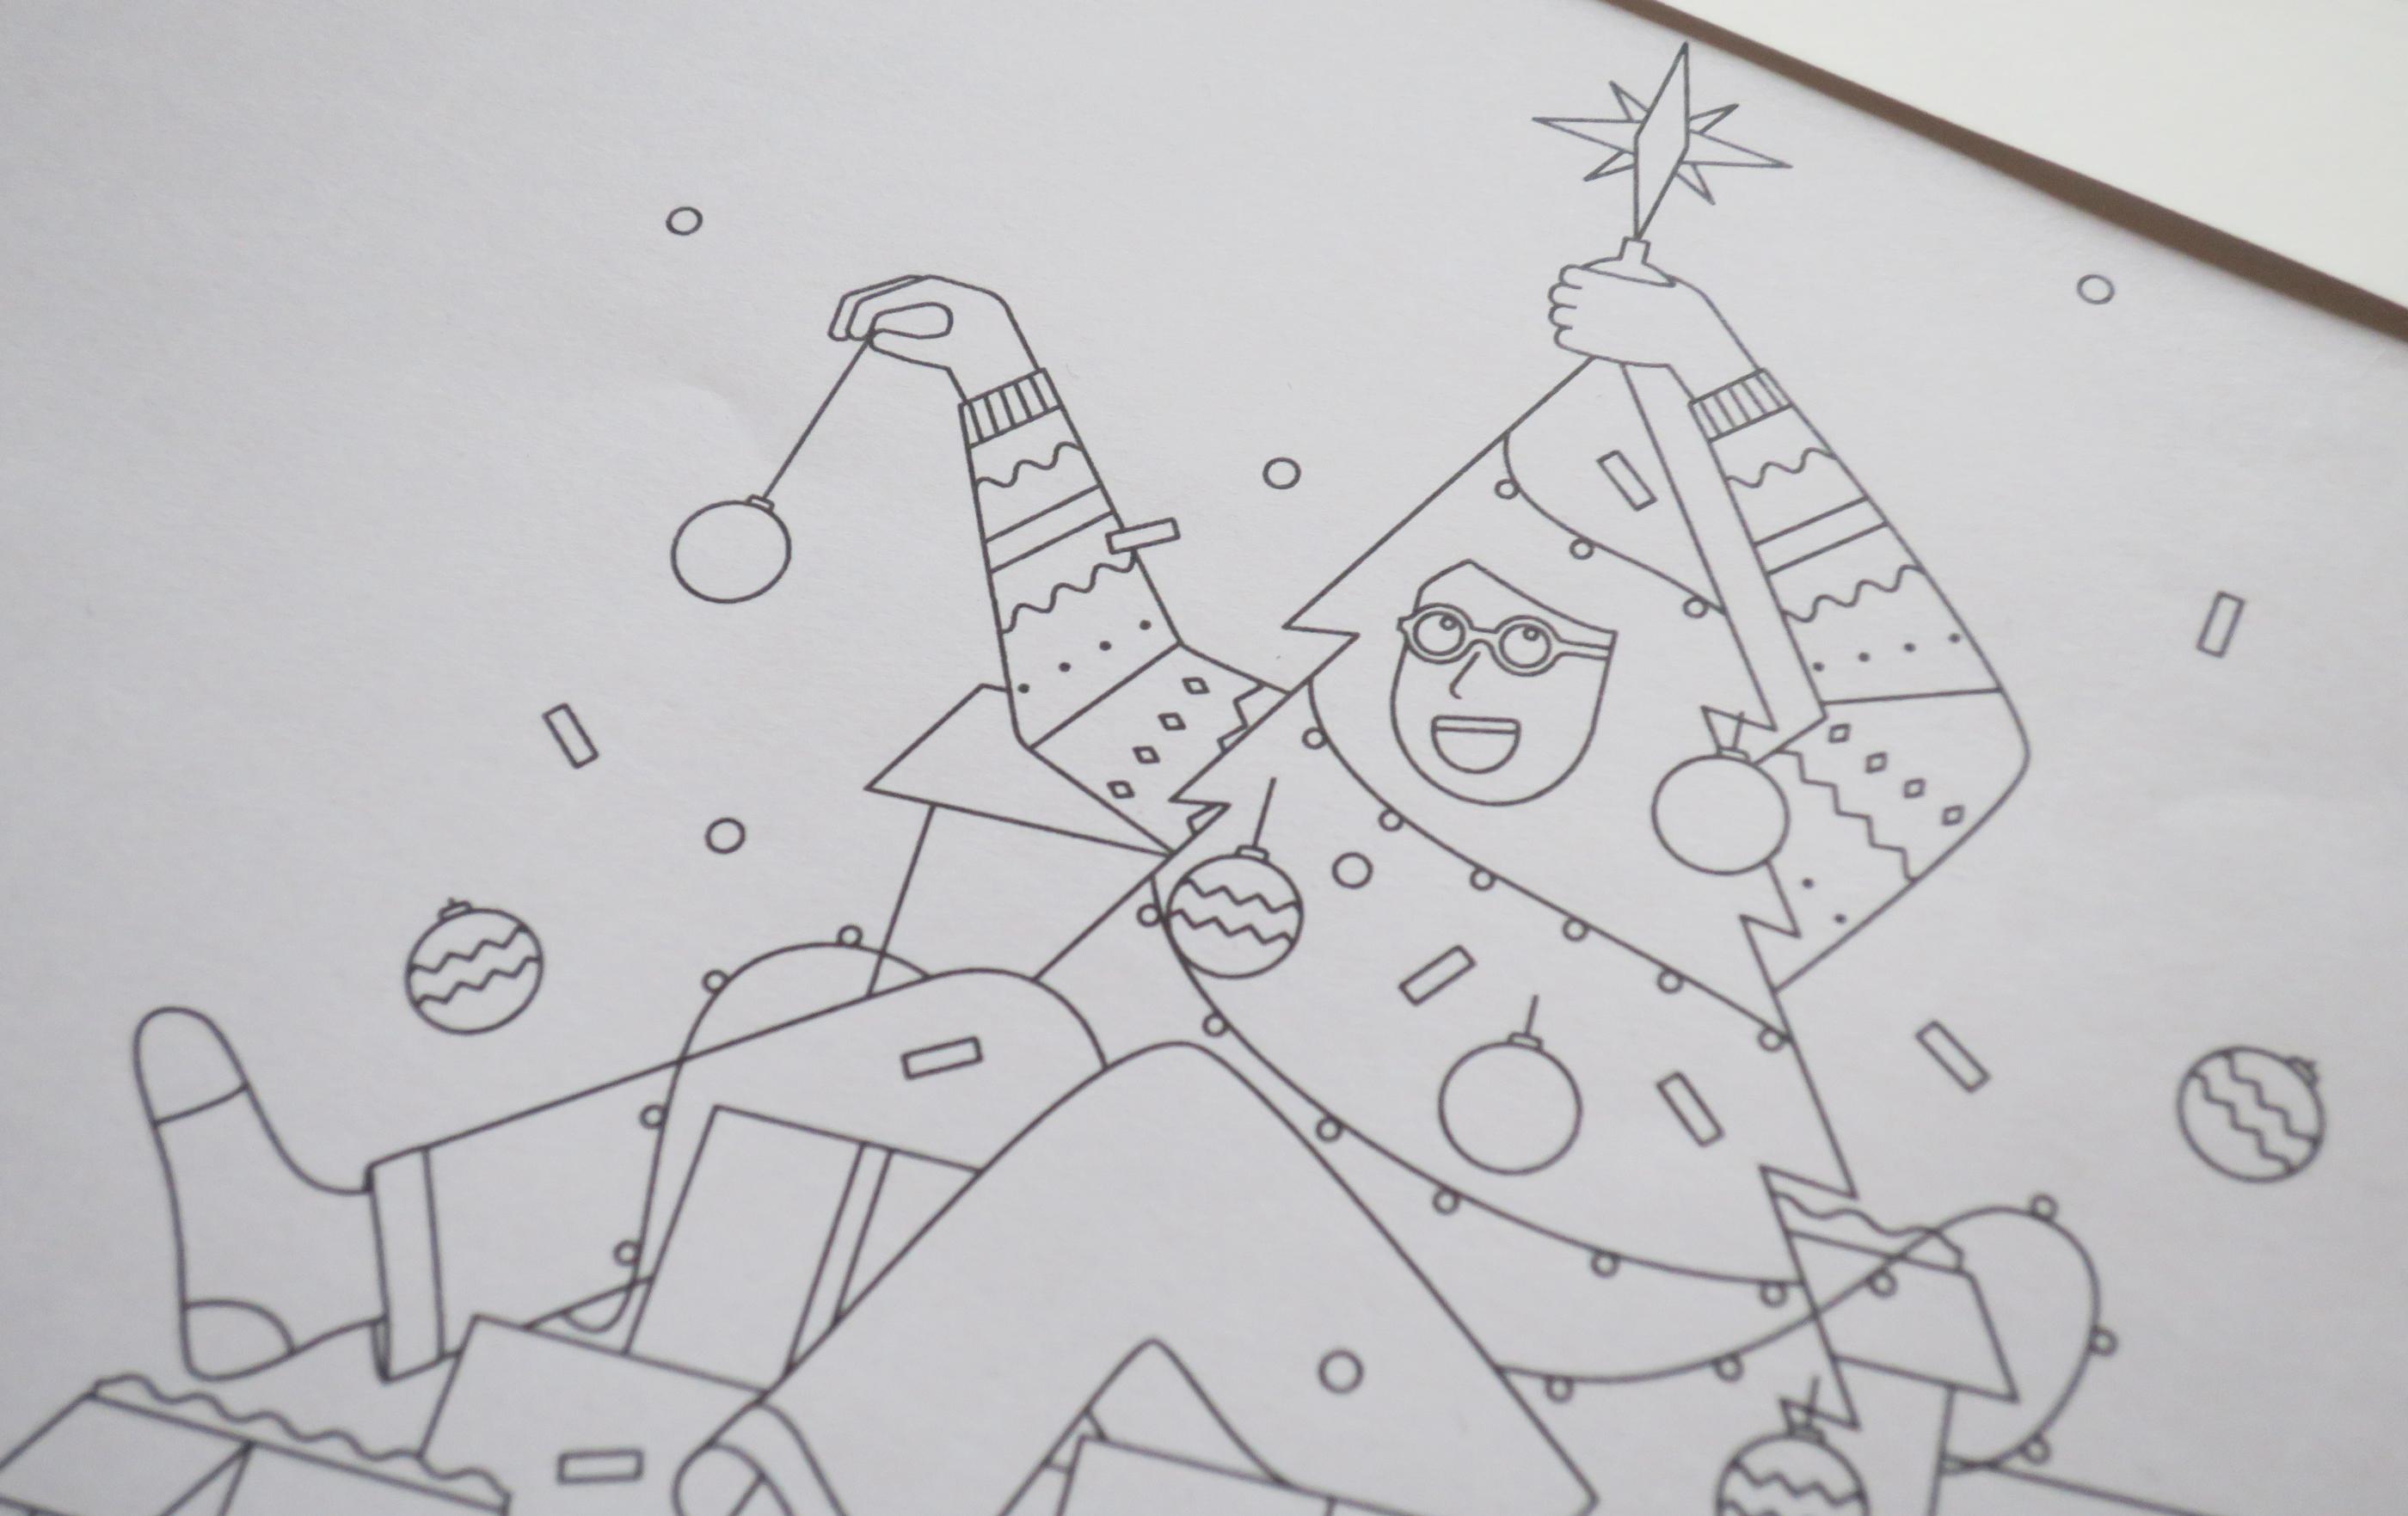 L'illustrazione natalizia di Nico189 per Swatch | Collater.al 4